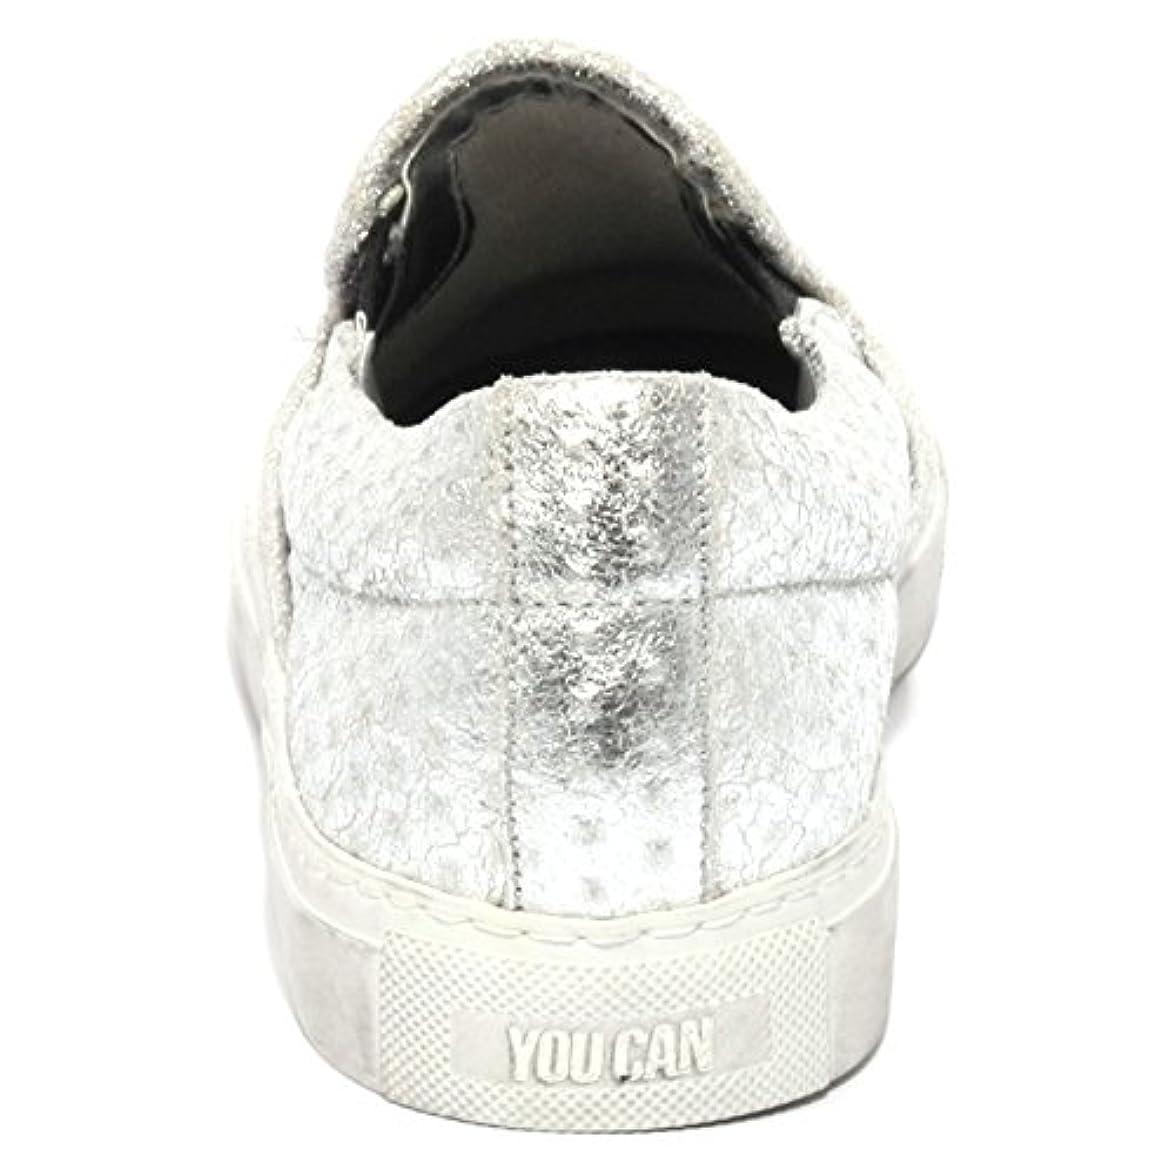 P448 B1095 Sneaker Donna E6 Slipon Scarpa Argento Shoes Women